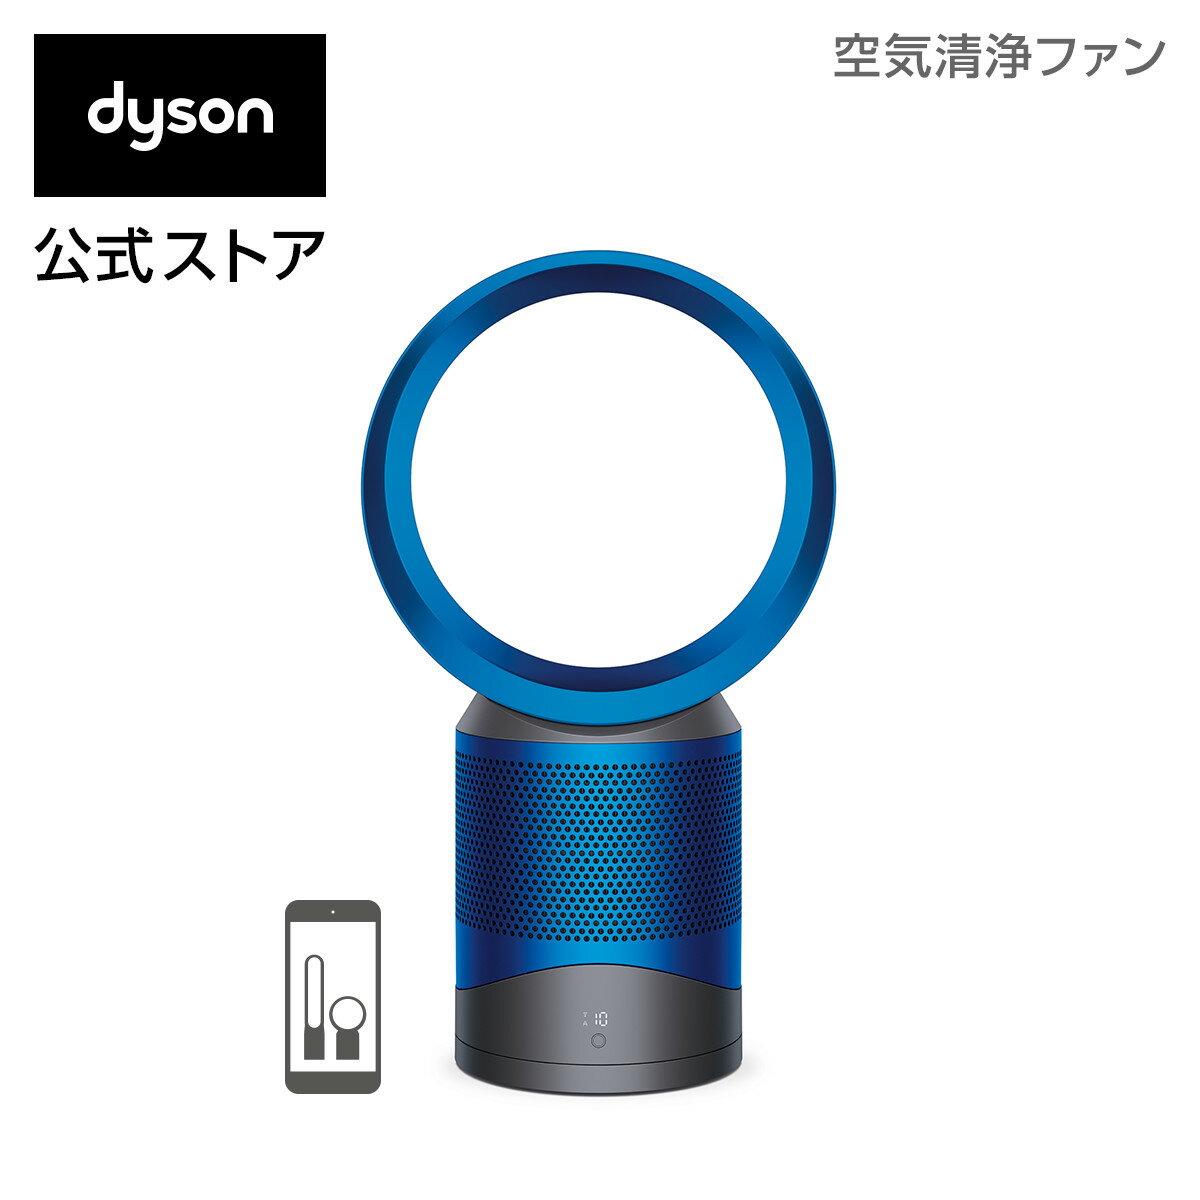 ダイソン Dyson Pure Cool Link DP01 IB 空気清浄機能付テーブルファン 扇風機 アイアン/ブルー 【新品/メーカー2年保証】